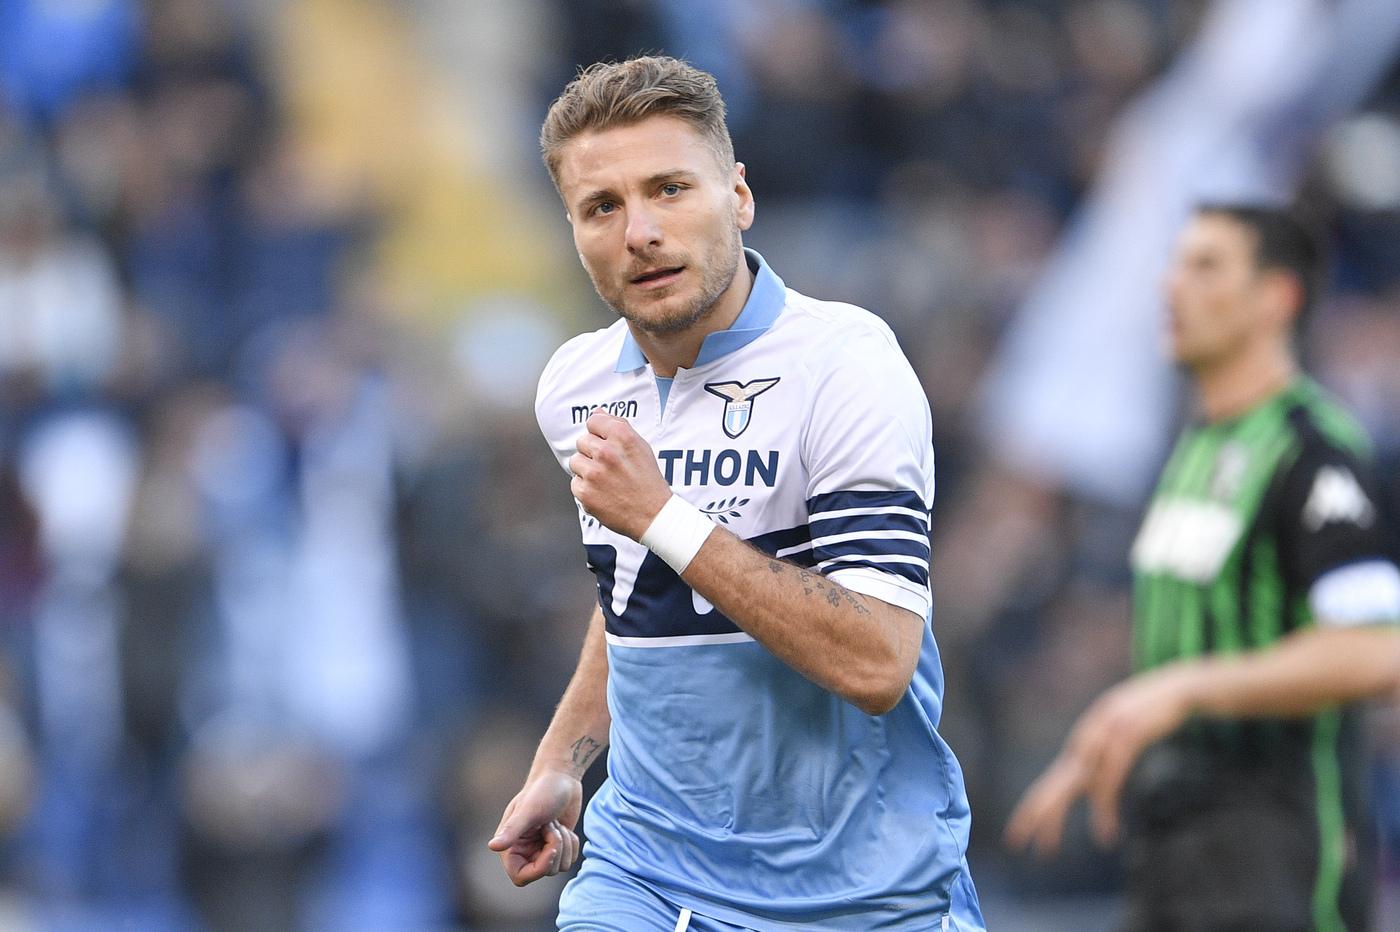 Lazio-Udinese 17 aprile: si gioca il recupero della 25 esima giornata di Serie A. Partita da non fallire per entrambe le formazioni.